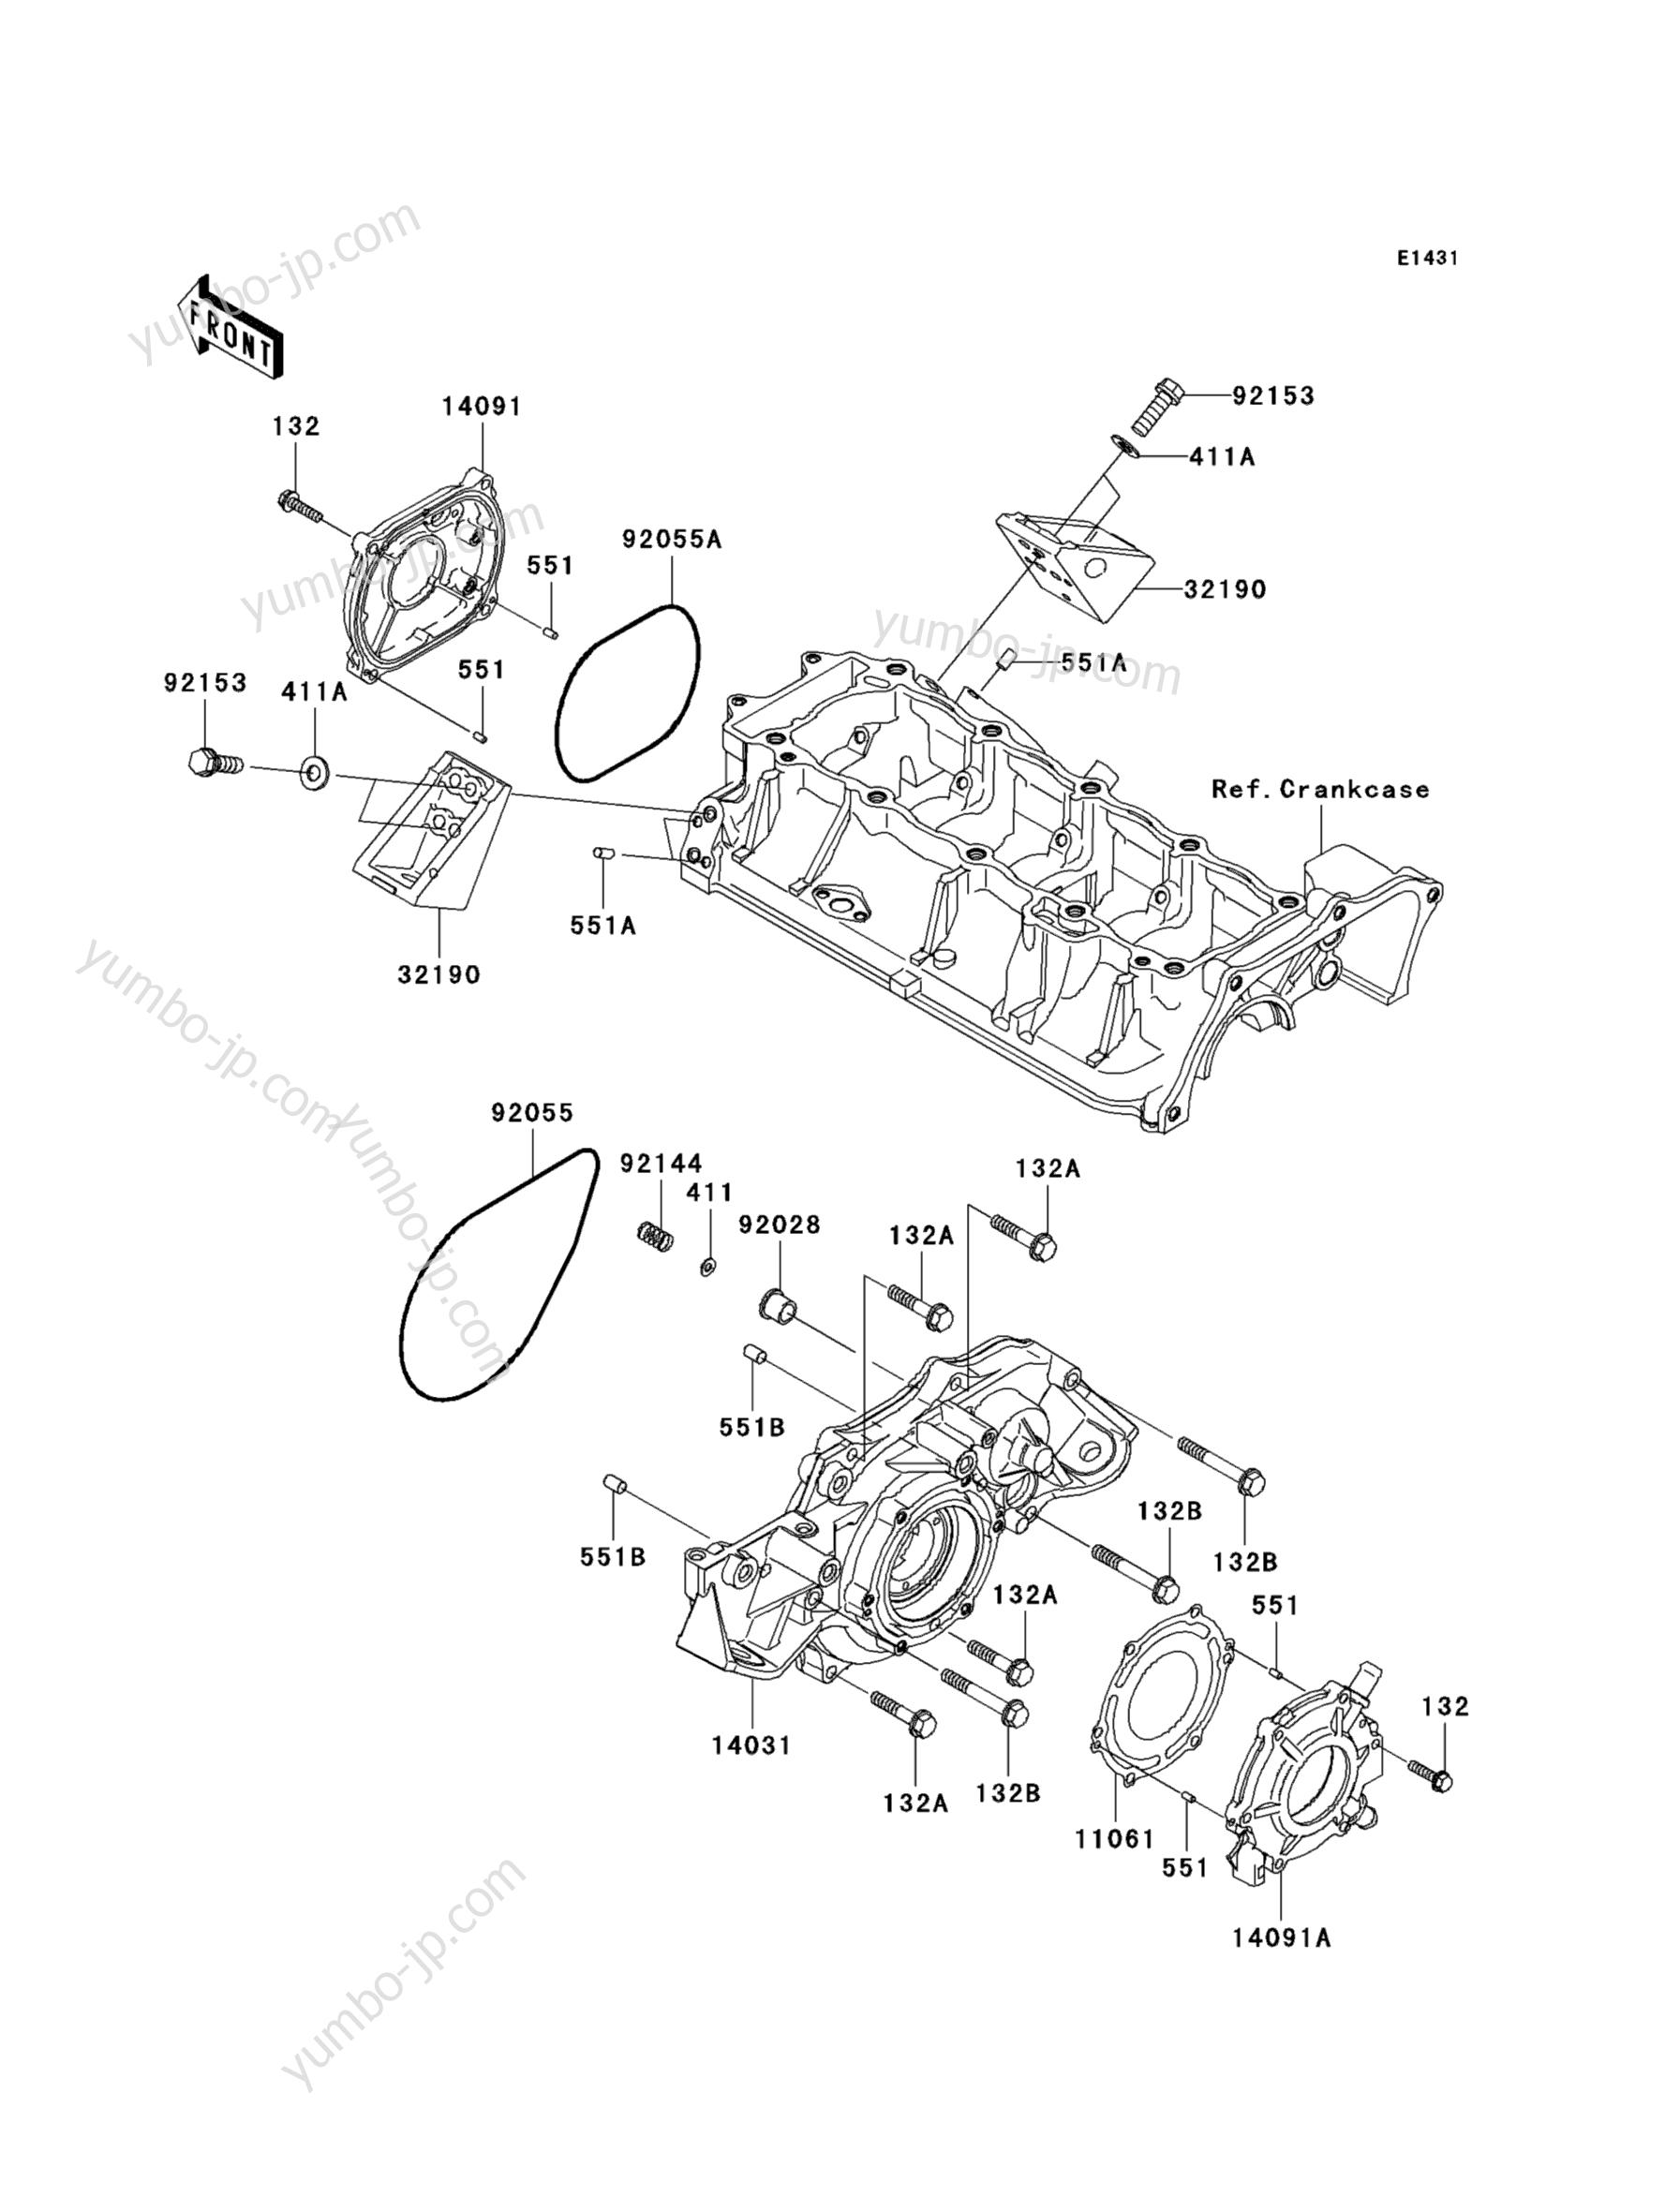 Engine Cover(s) для гидроциклов KAWASAKI JET SKI ULTRA 260LX (JT1500F9F) 2009 г.